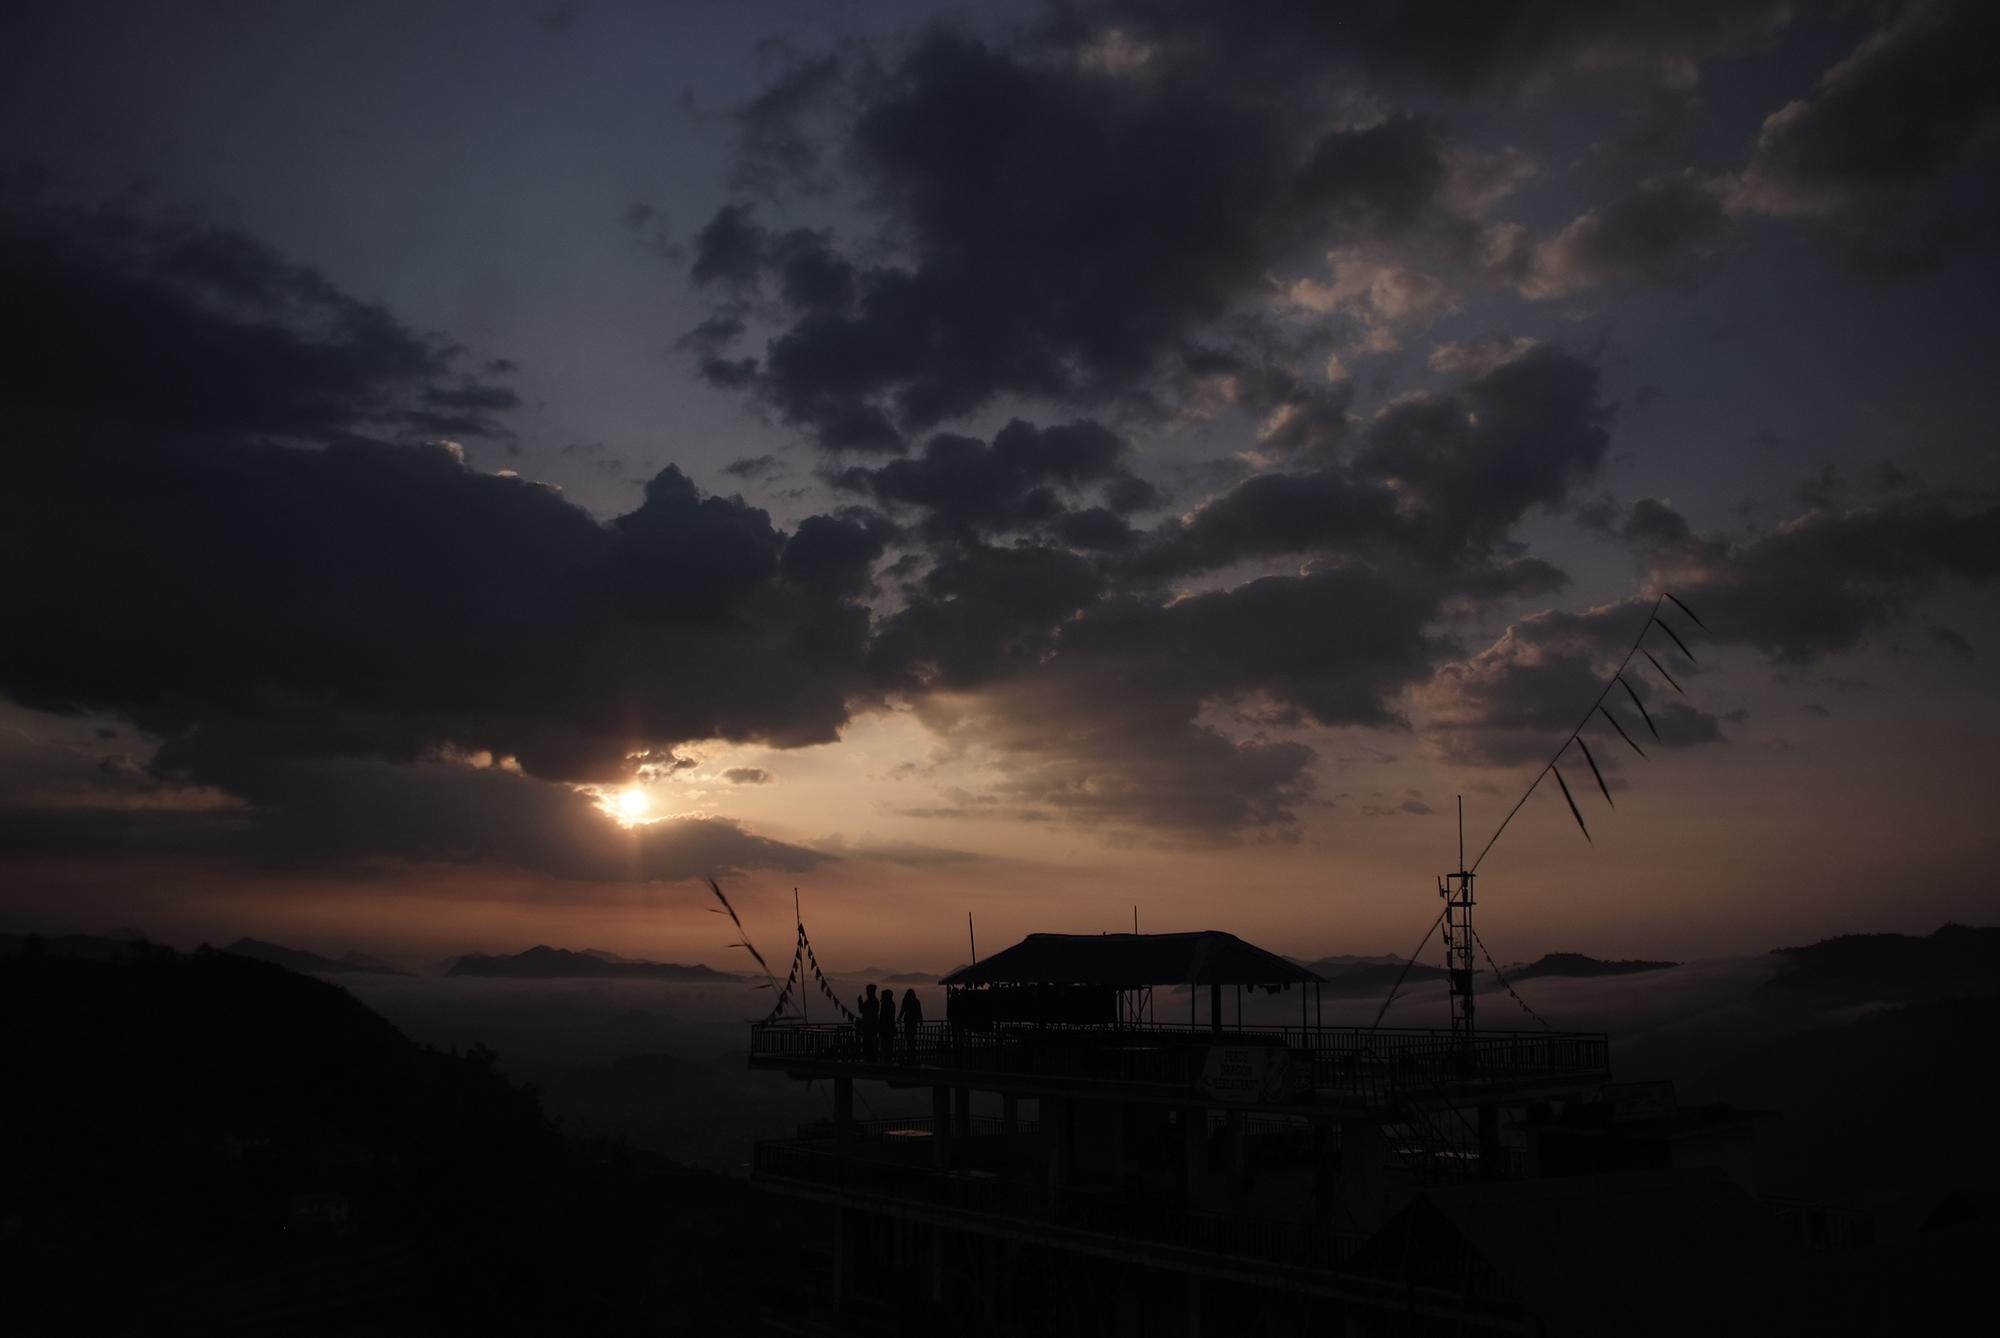 スピリチュアルあまら 浄化に関する新発見 寿命、健康、美容の波動が上がる 夜明けの朝 ネパール ポカラ サランコット